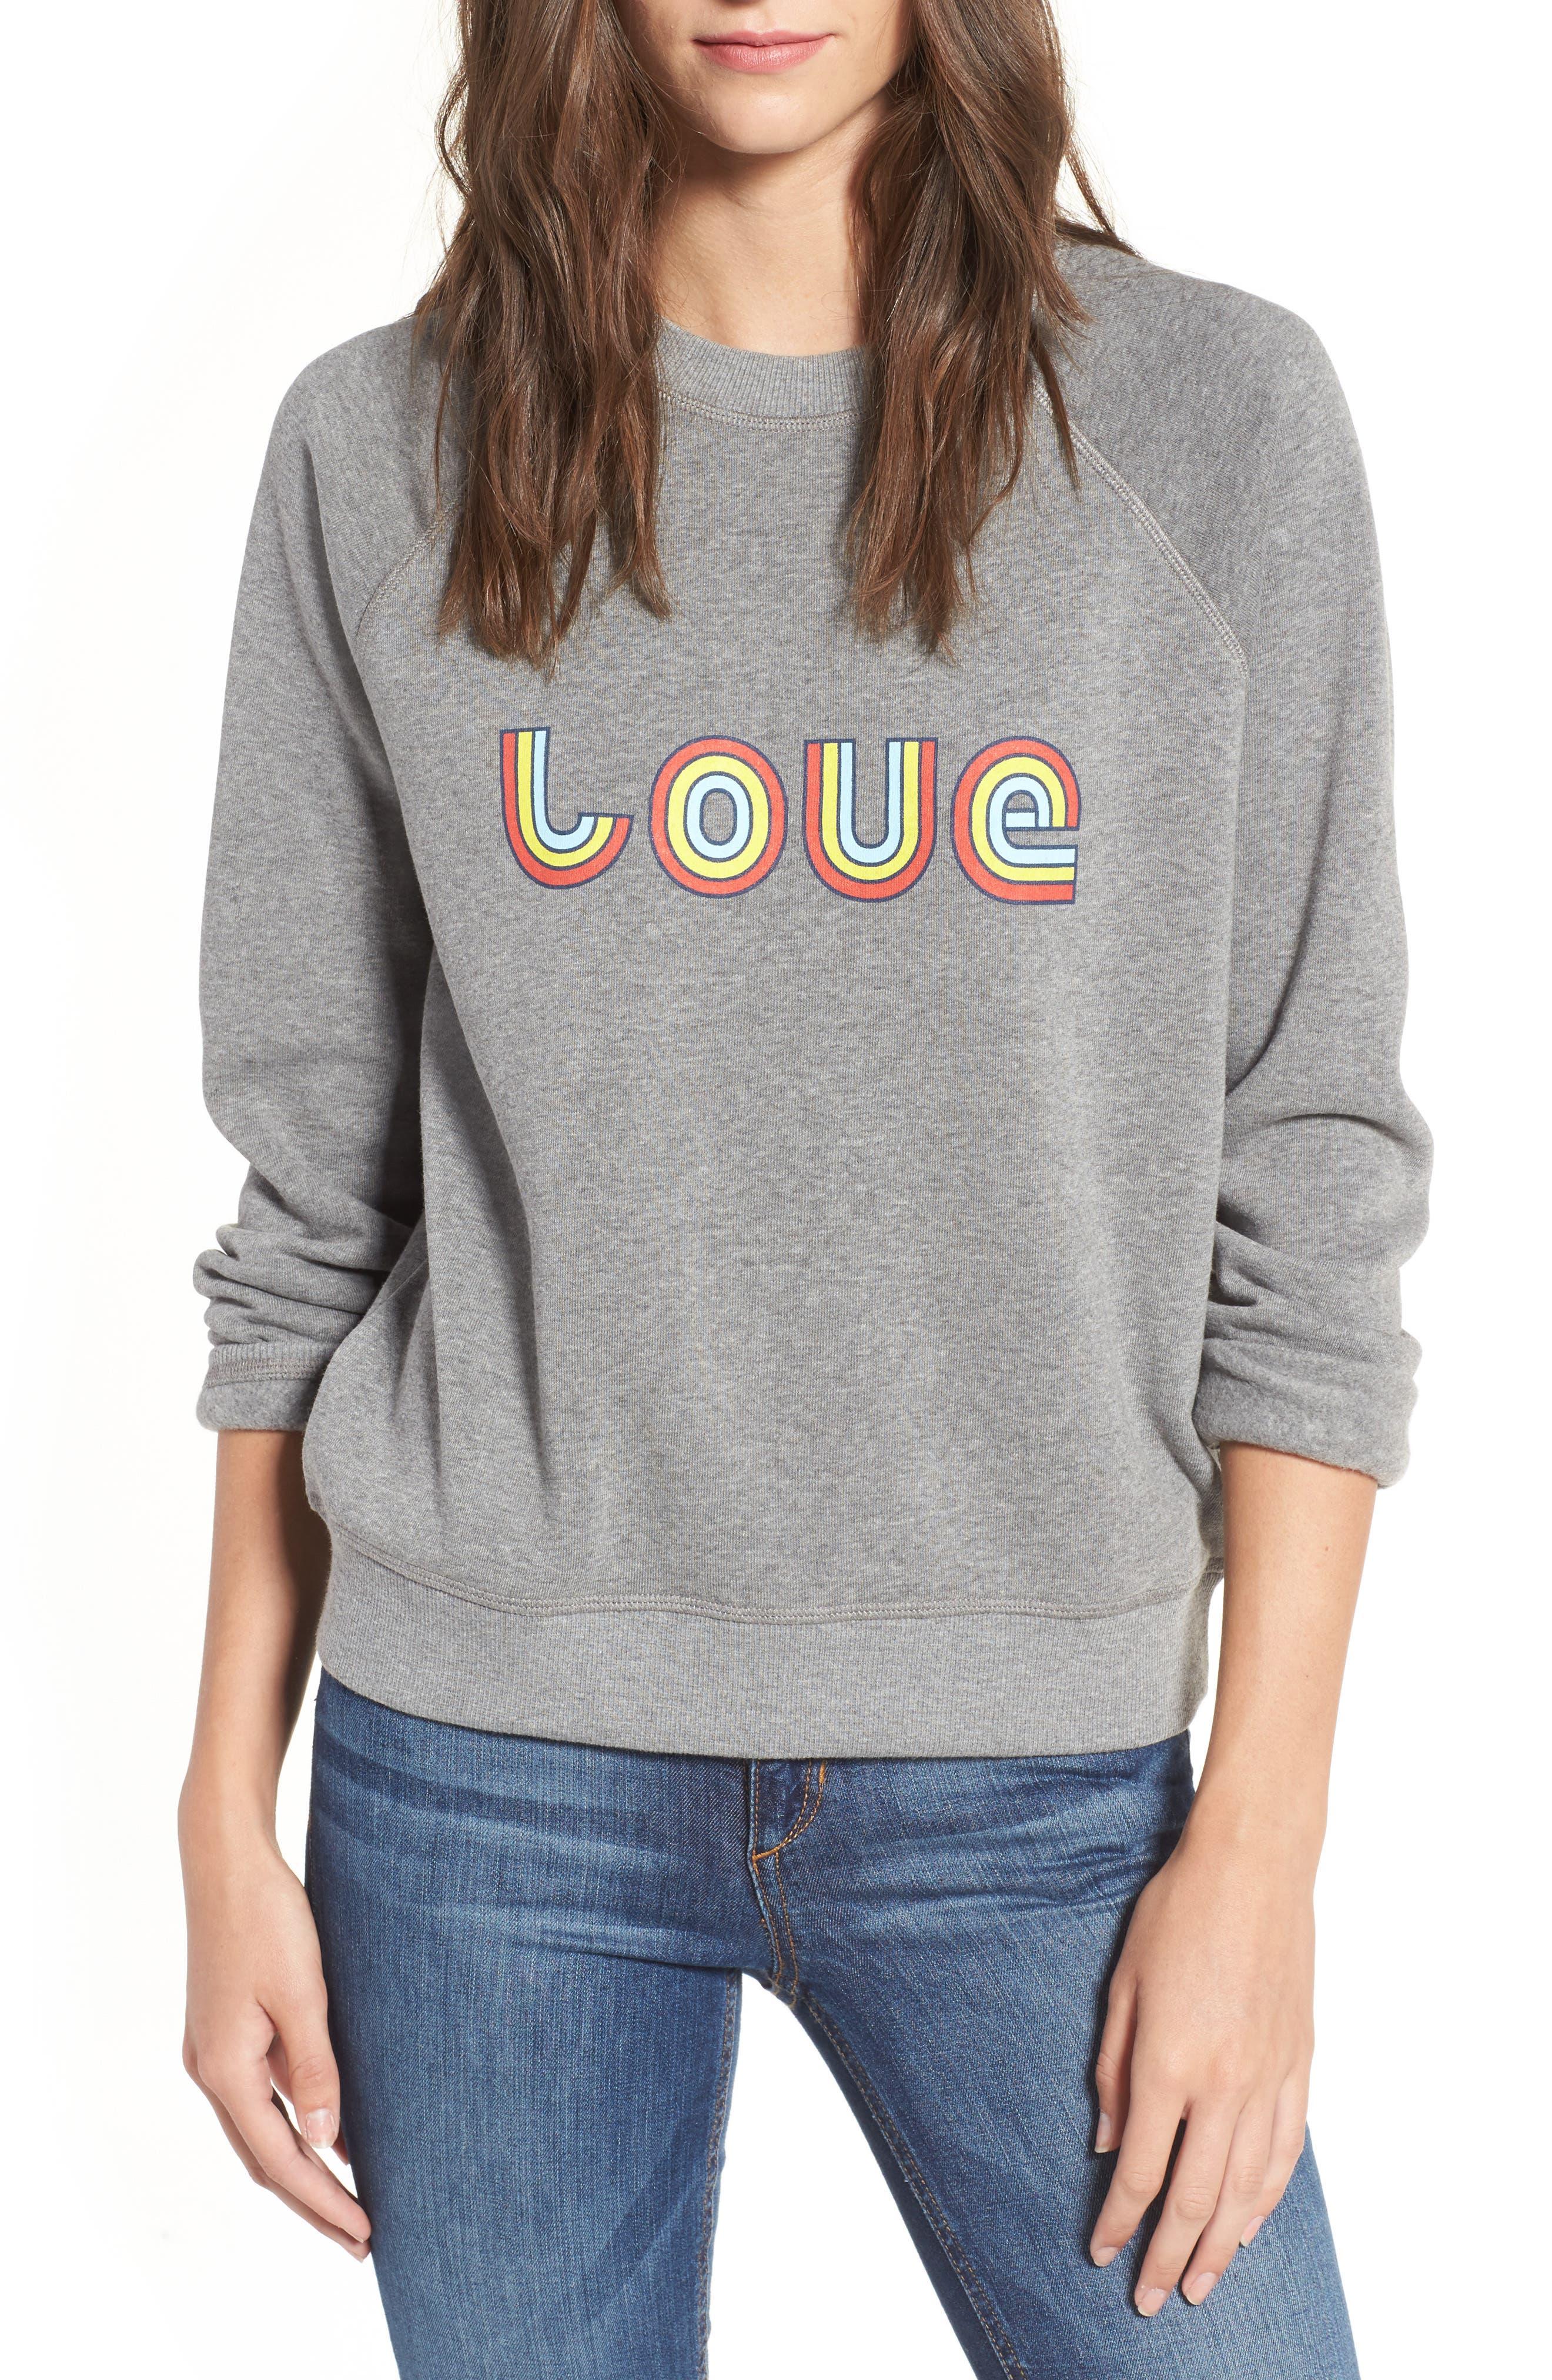 Main Image - Rebecca Minkoff Love Sweatshirt